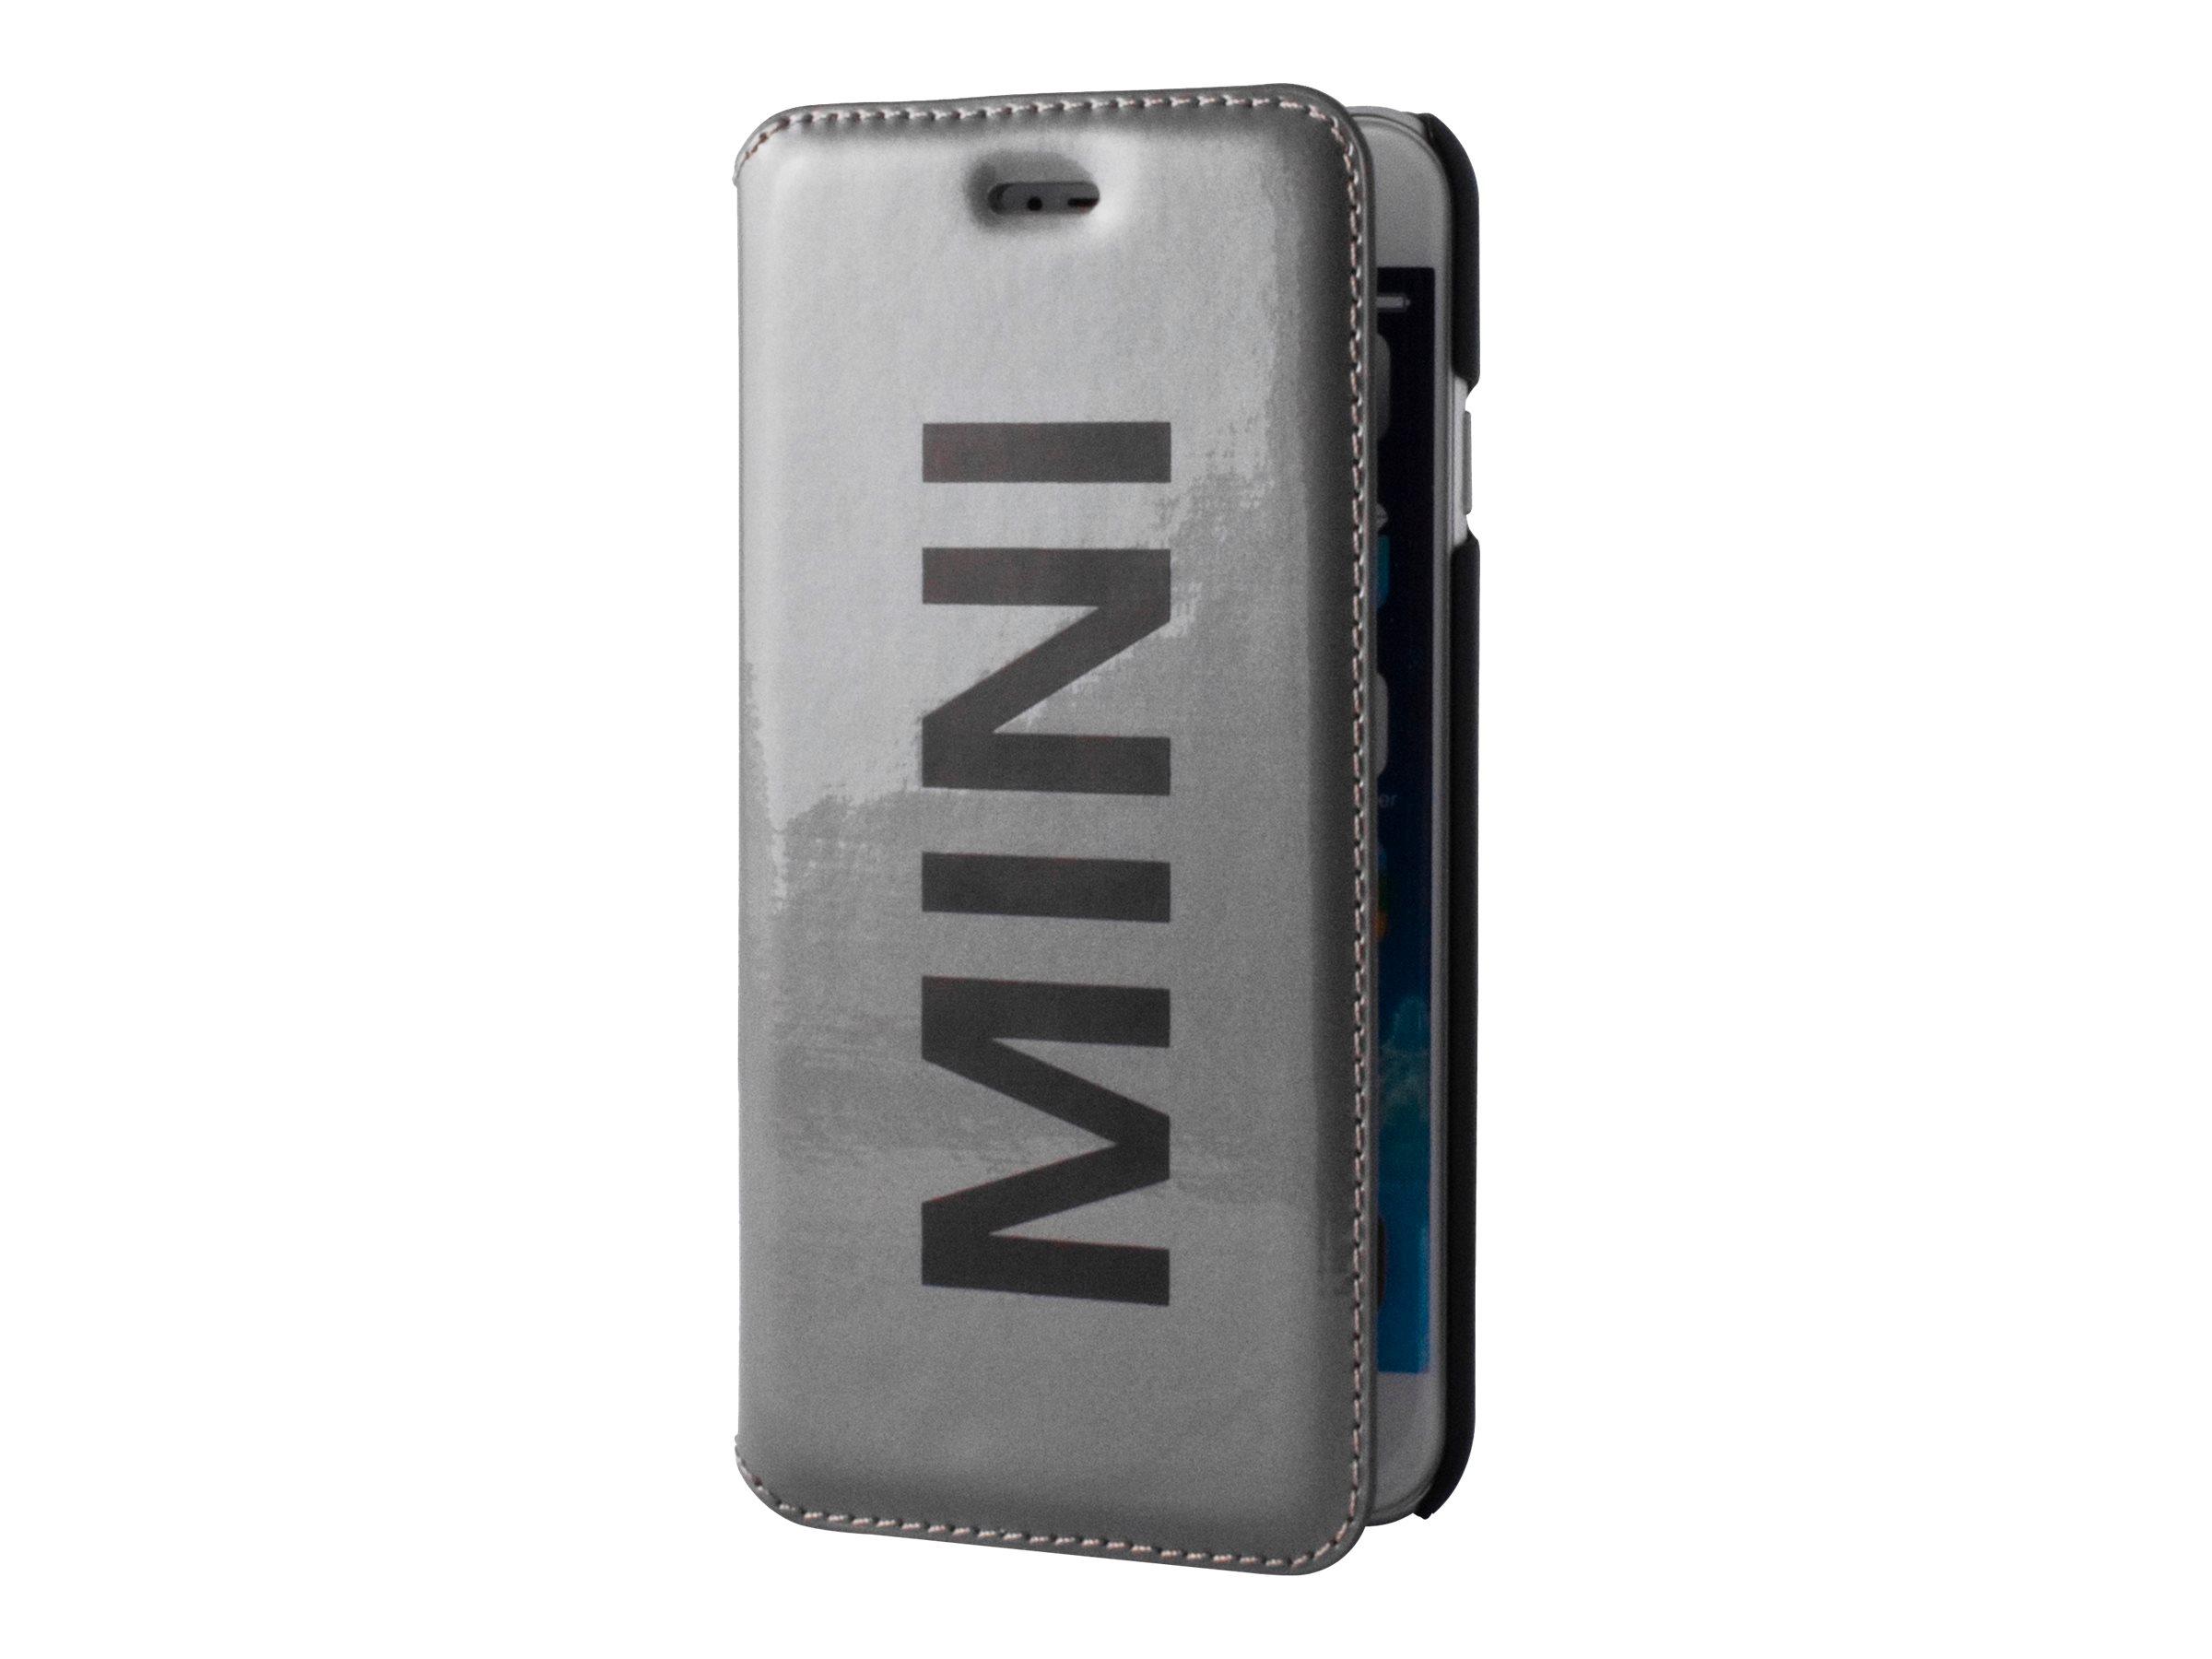 MINI étui Folio - Protection à rabat  pour iPhone 6 Plus, 6s Plus - vinyle argent